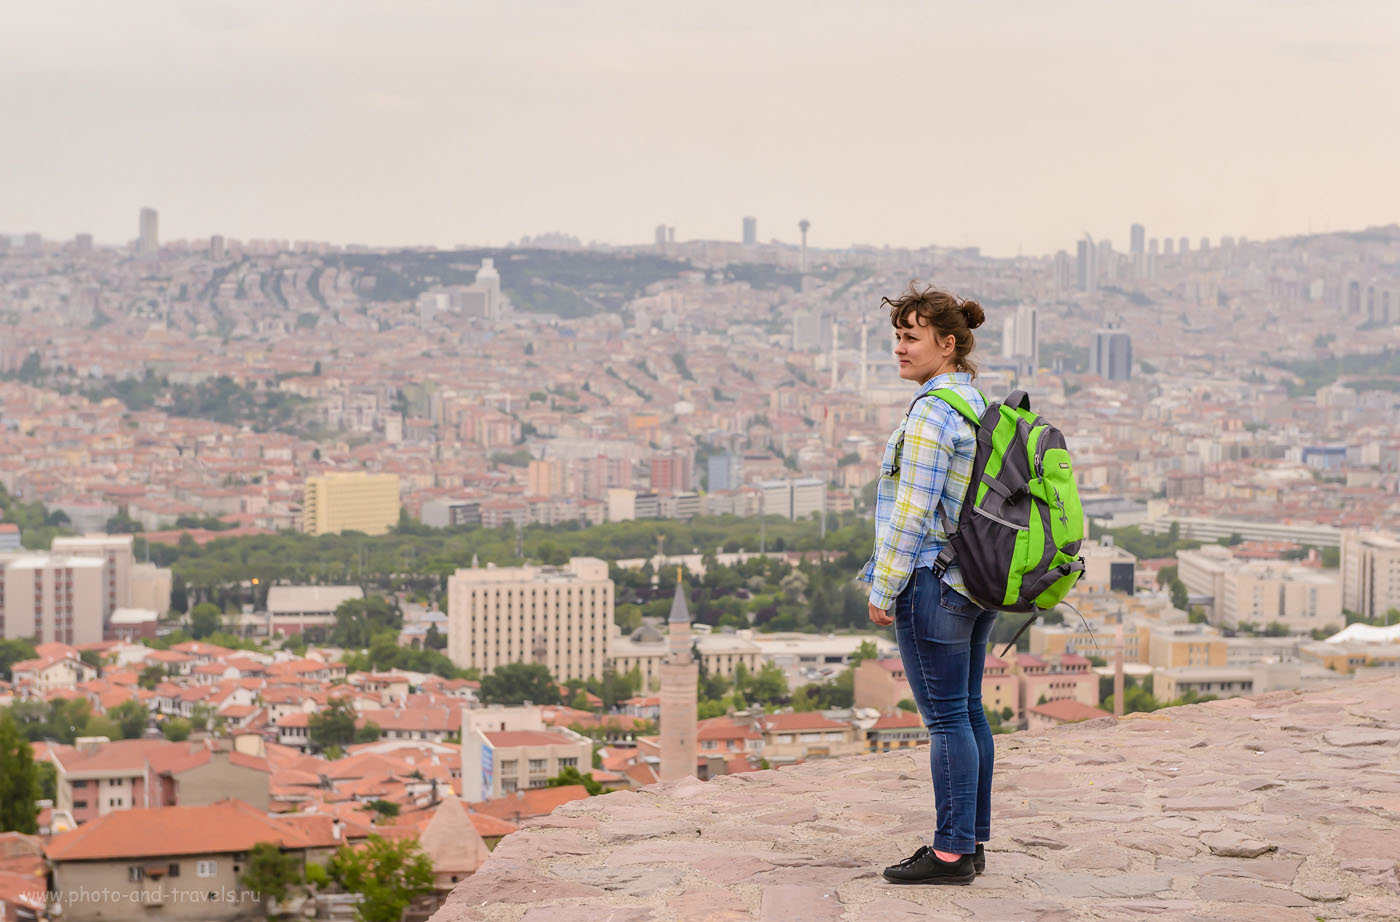 Фото 14. На крепостной стене в Анкаре. Отзывы туристов о самостоятельном отдыхе в Турции. 1/400, 0.67, 5.6, 1000, 70.